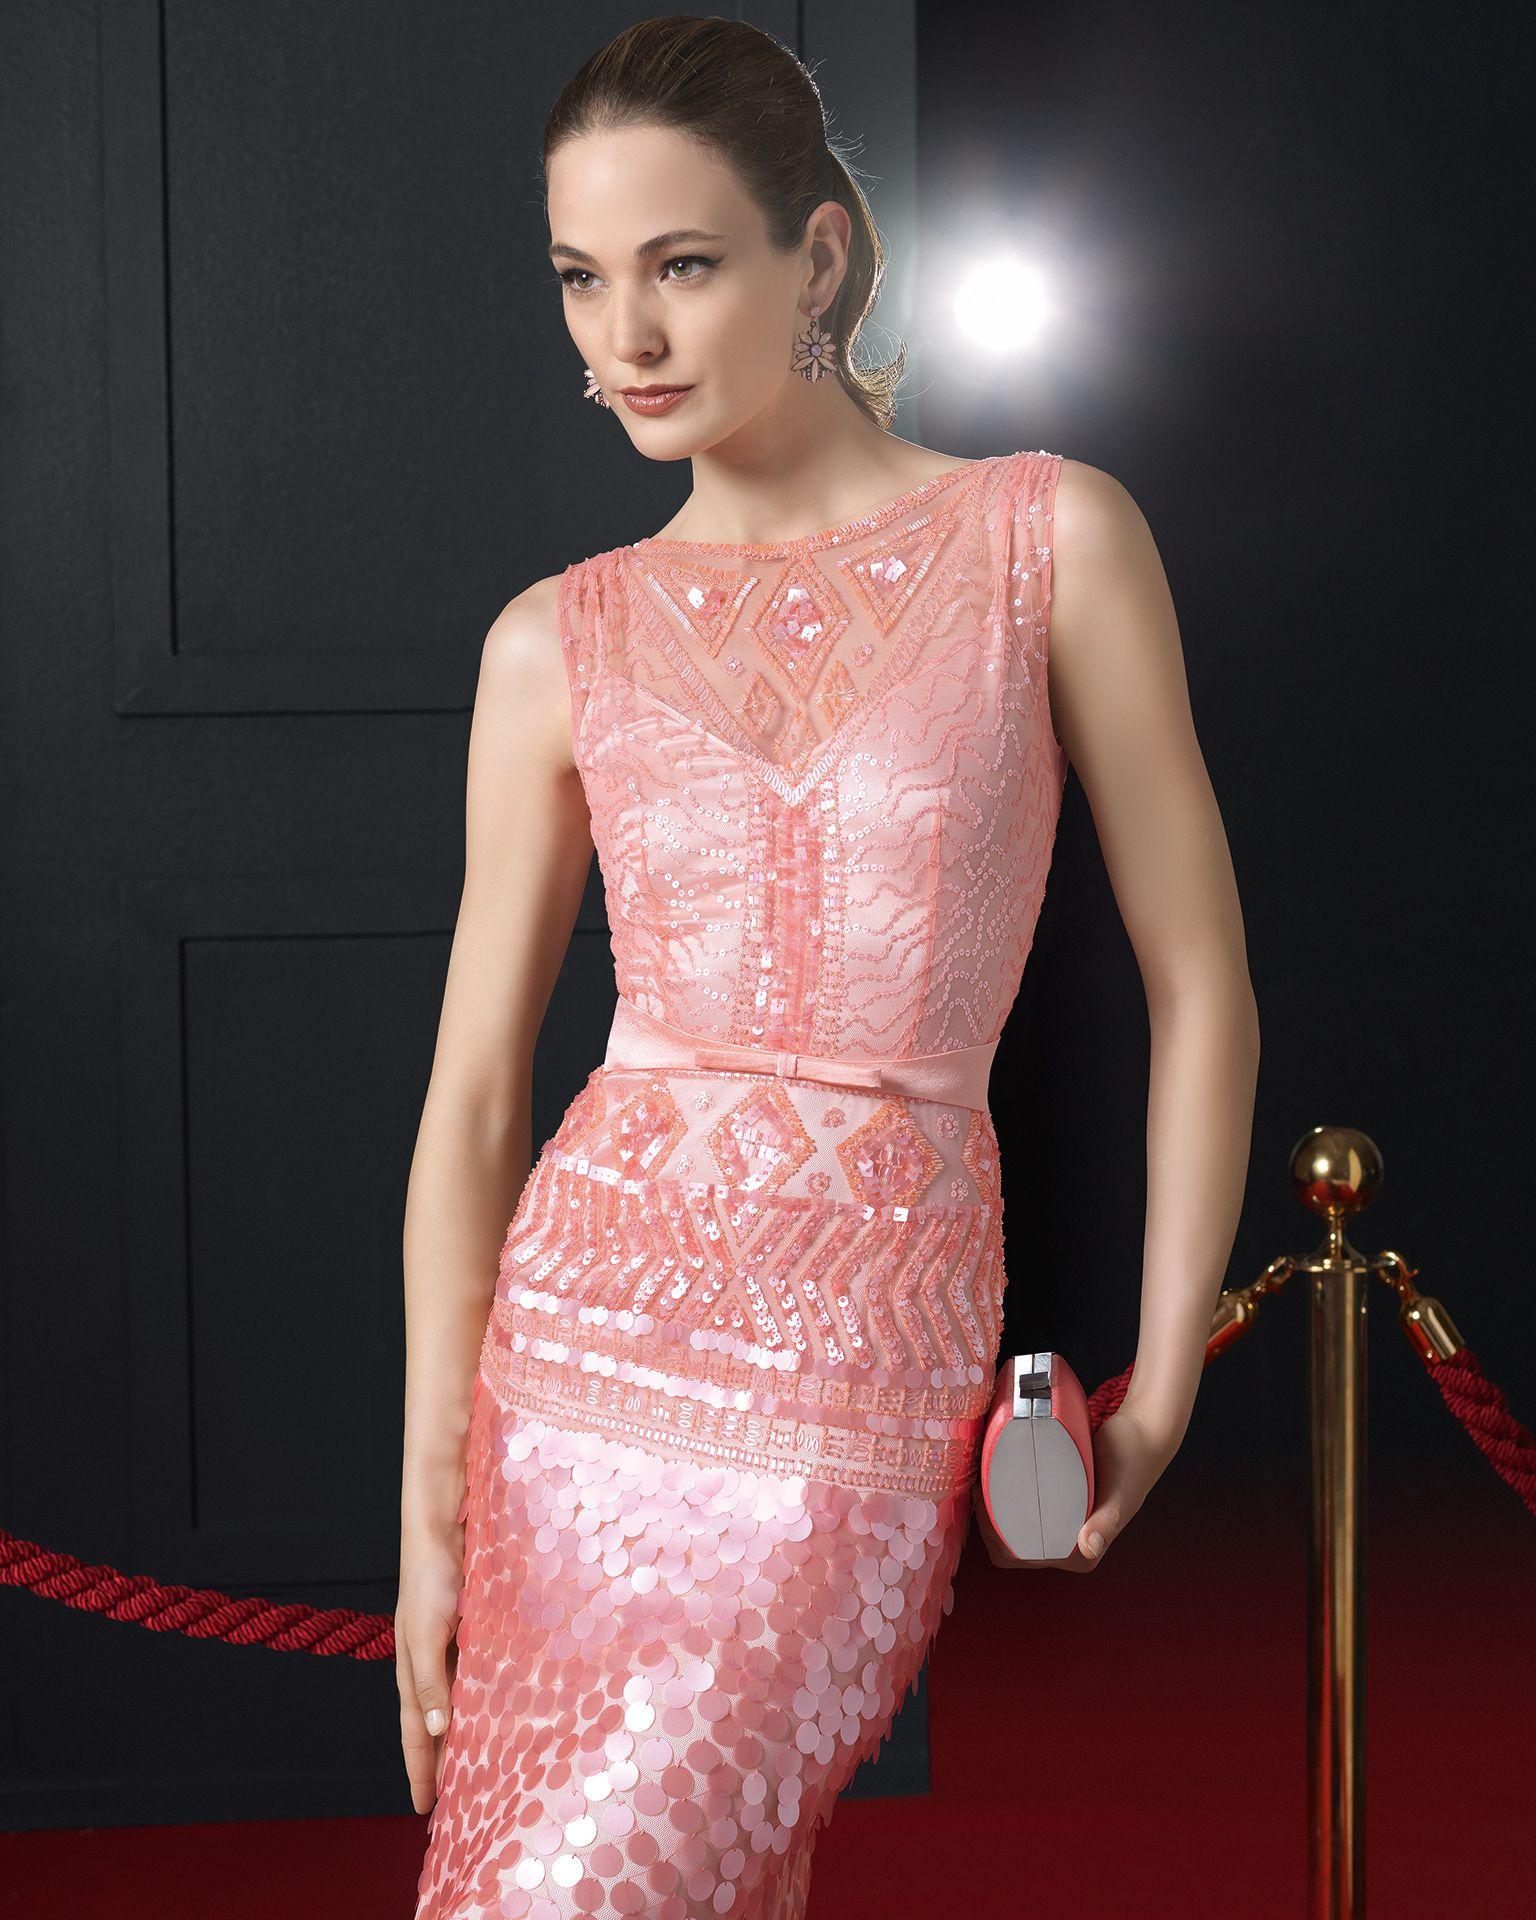 Vestido y chal de pedrería rosa clara Trajes de novia y noche - www ...